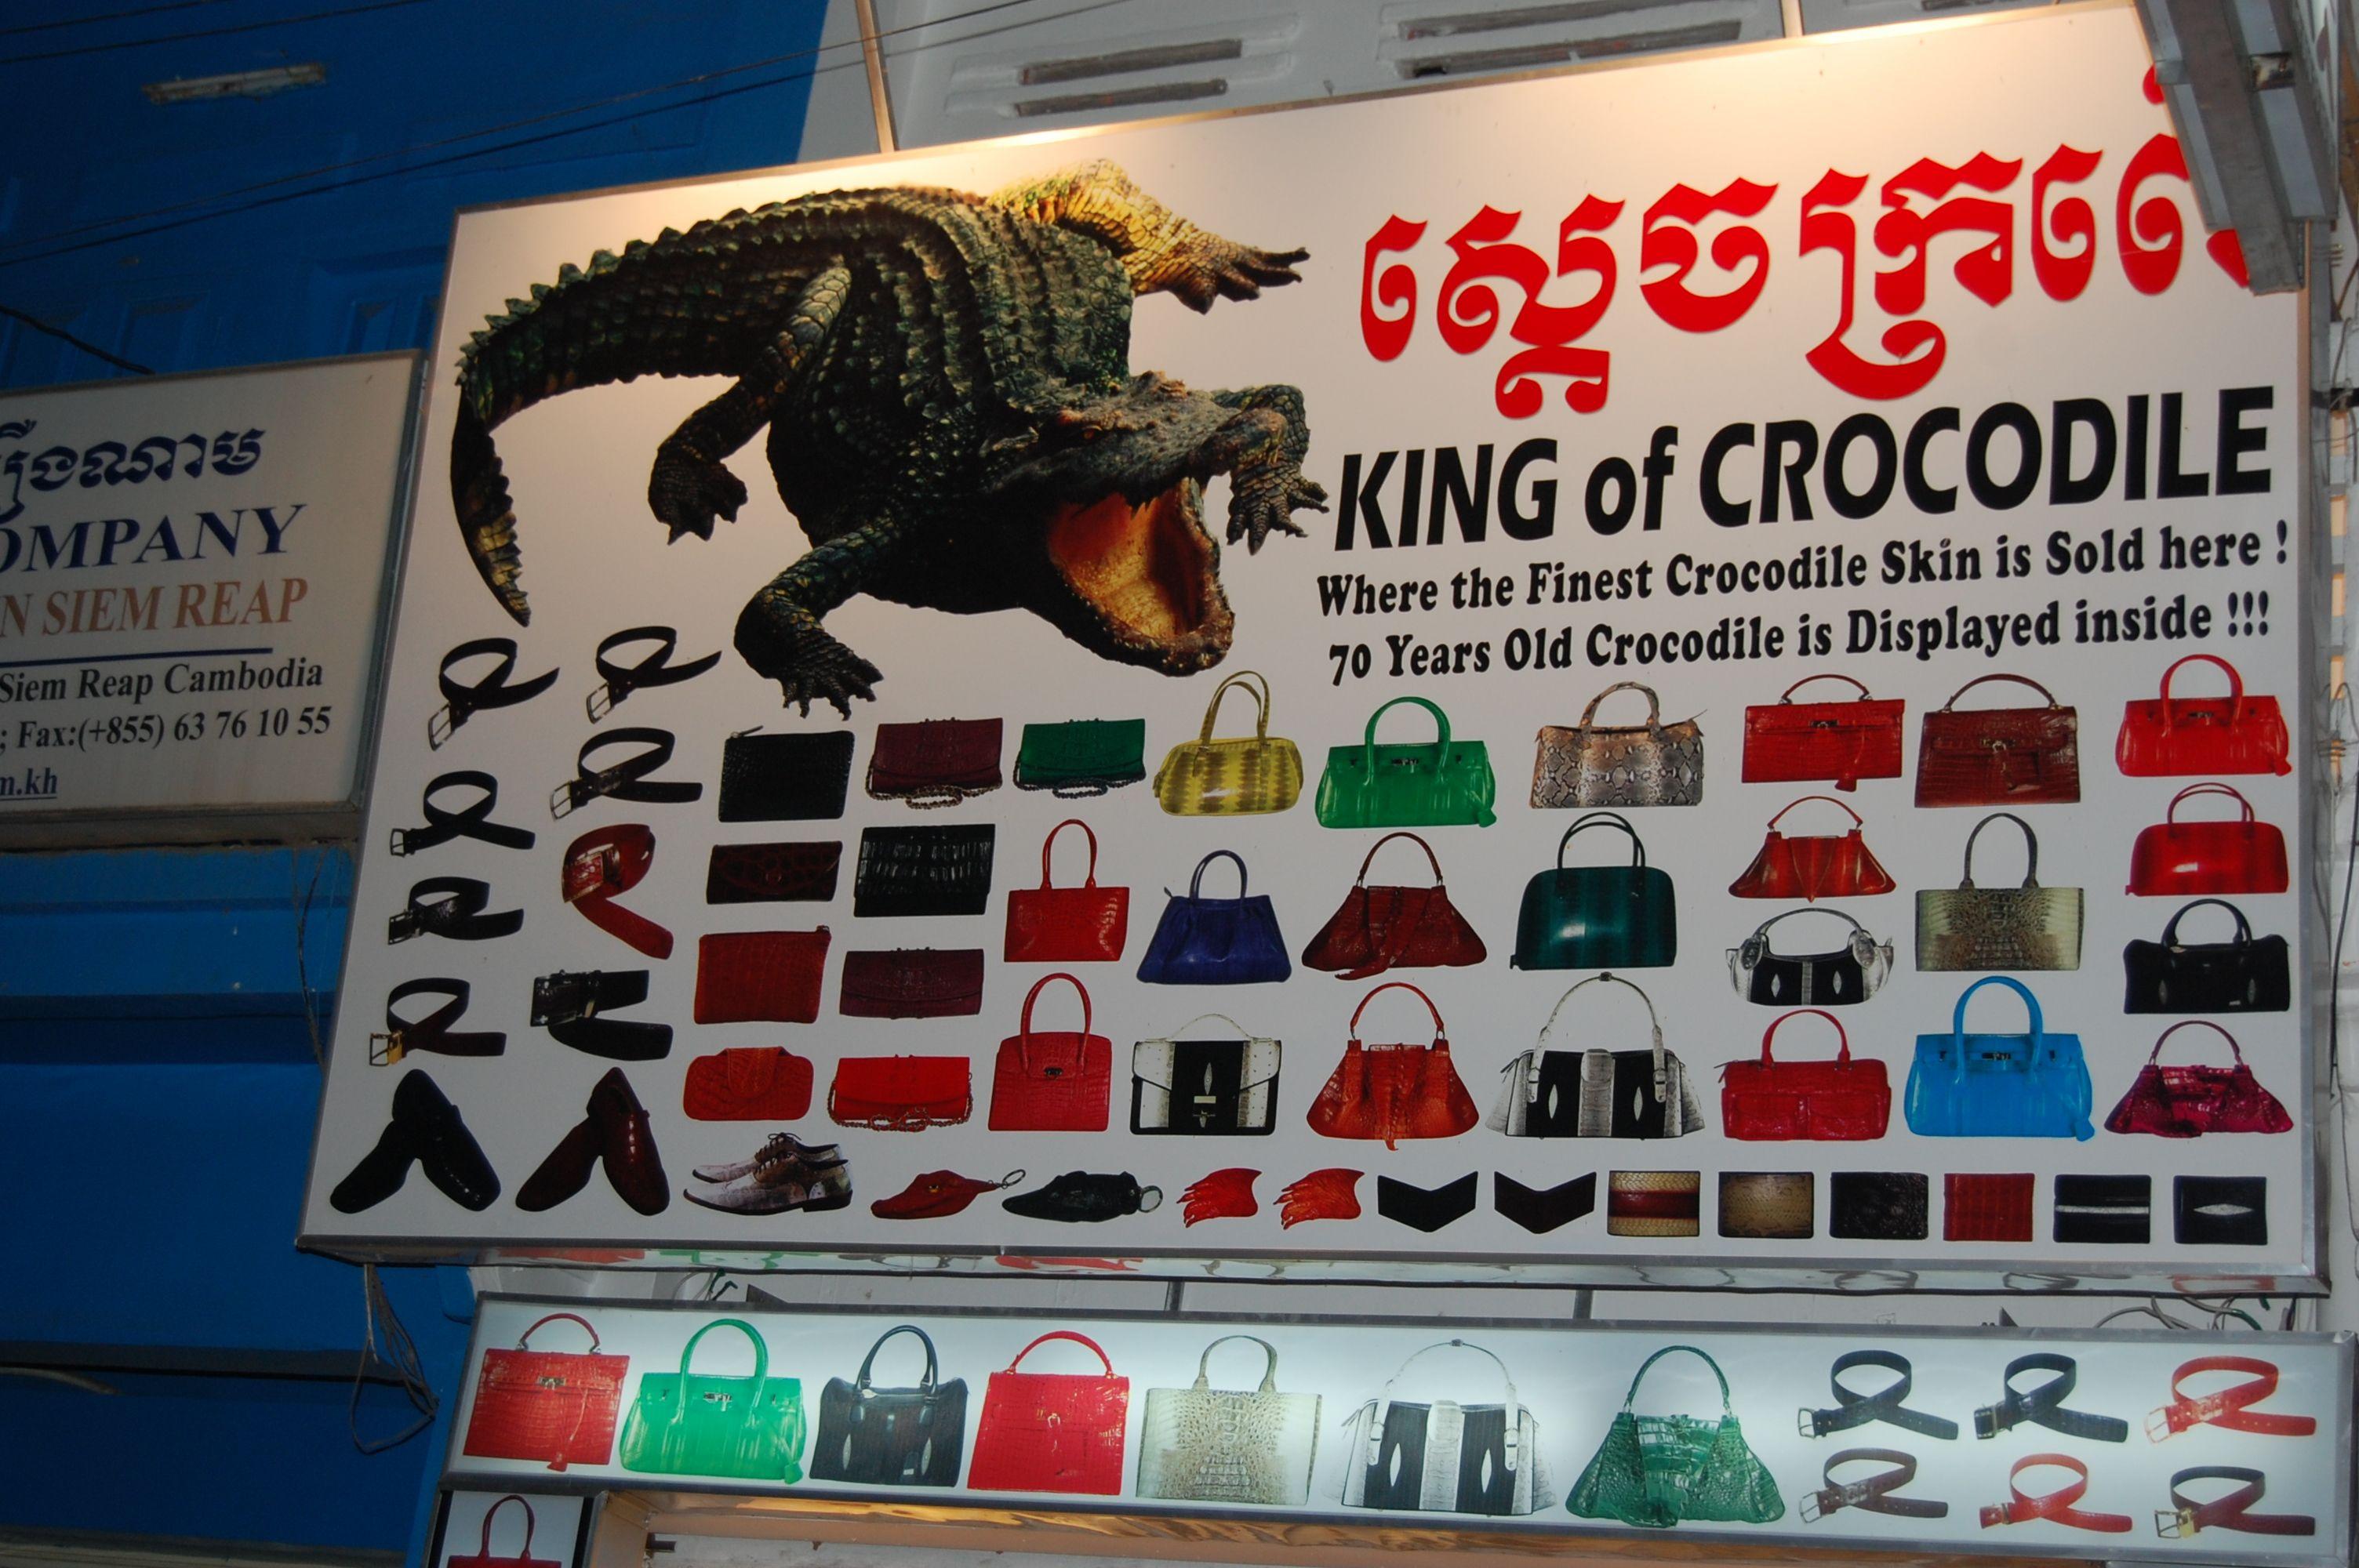 In centro città ,Angkor  Cambogia, un negozio espone i manufatti con pelle di coccodrillo